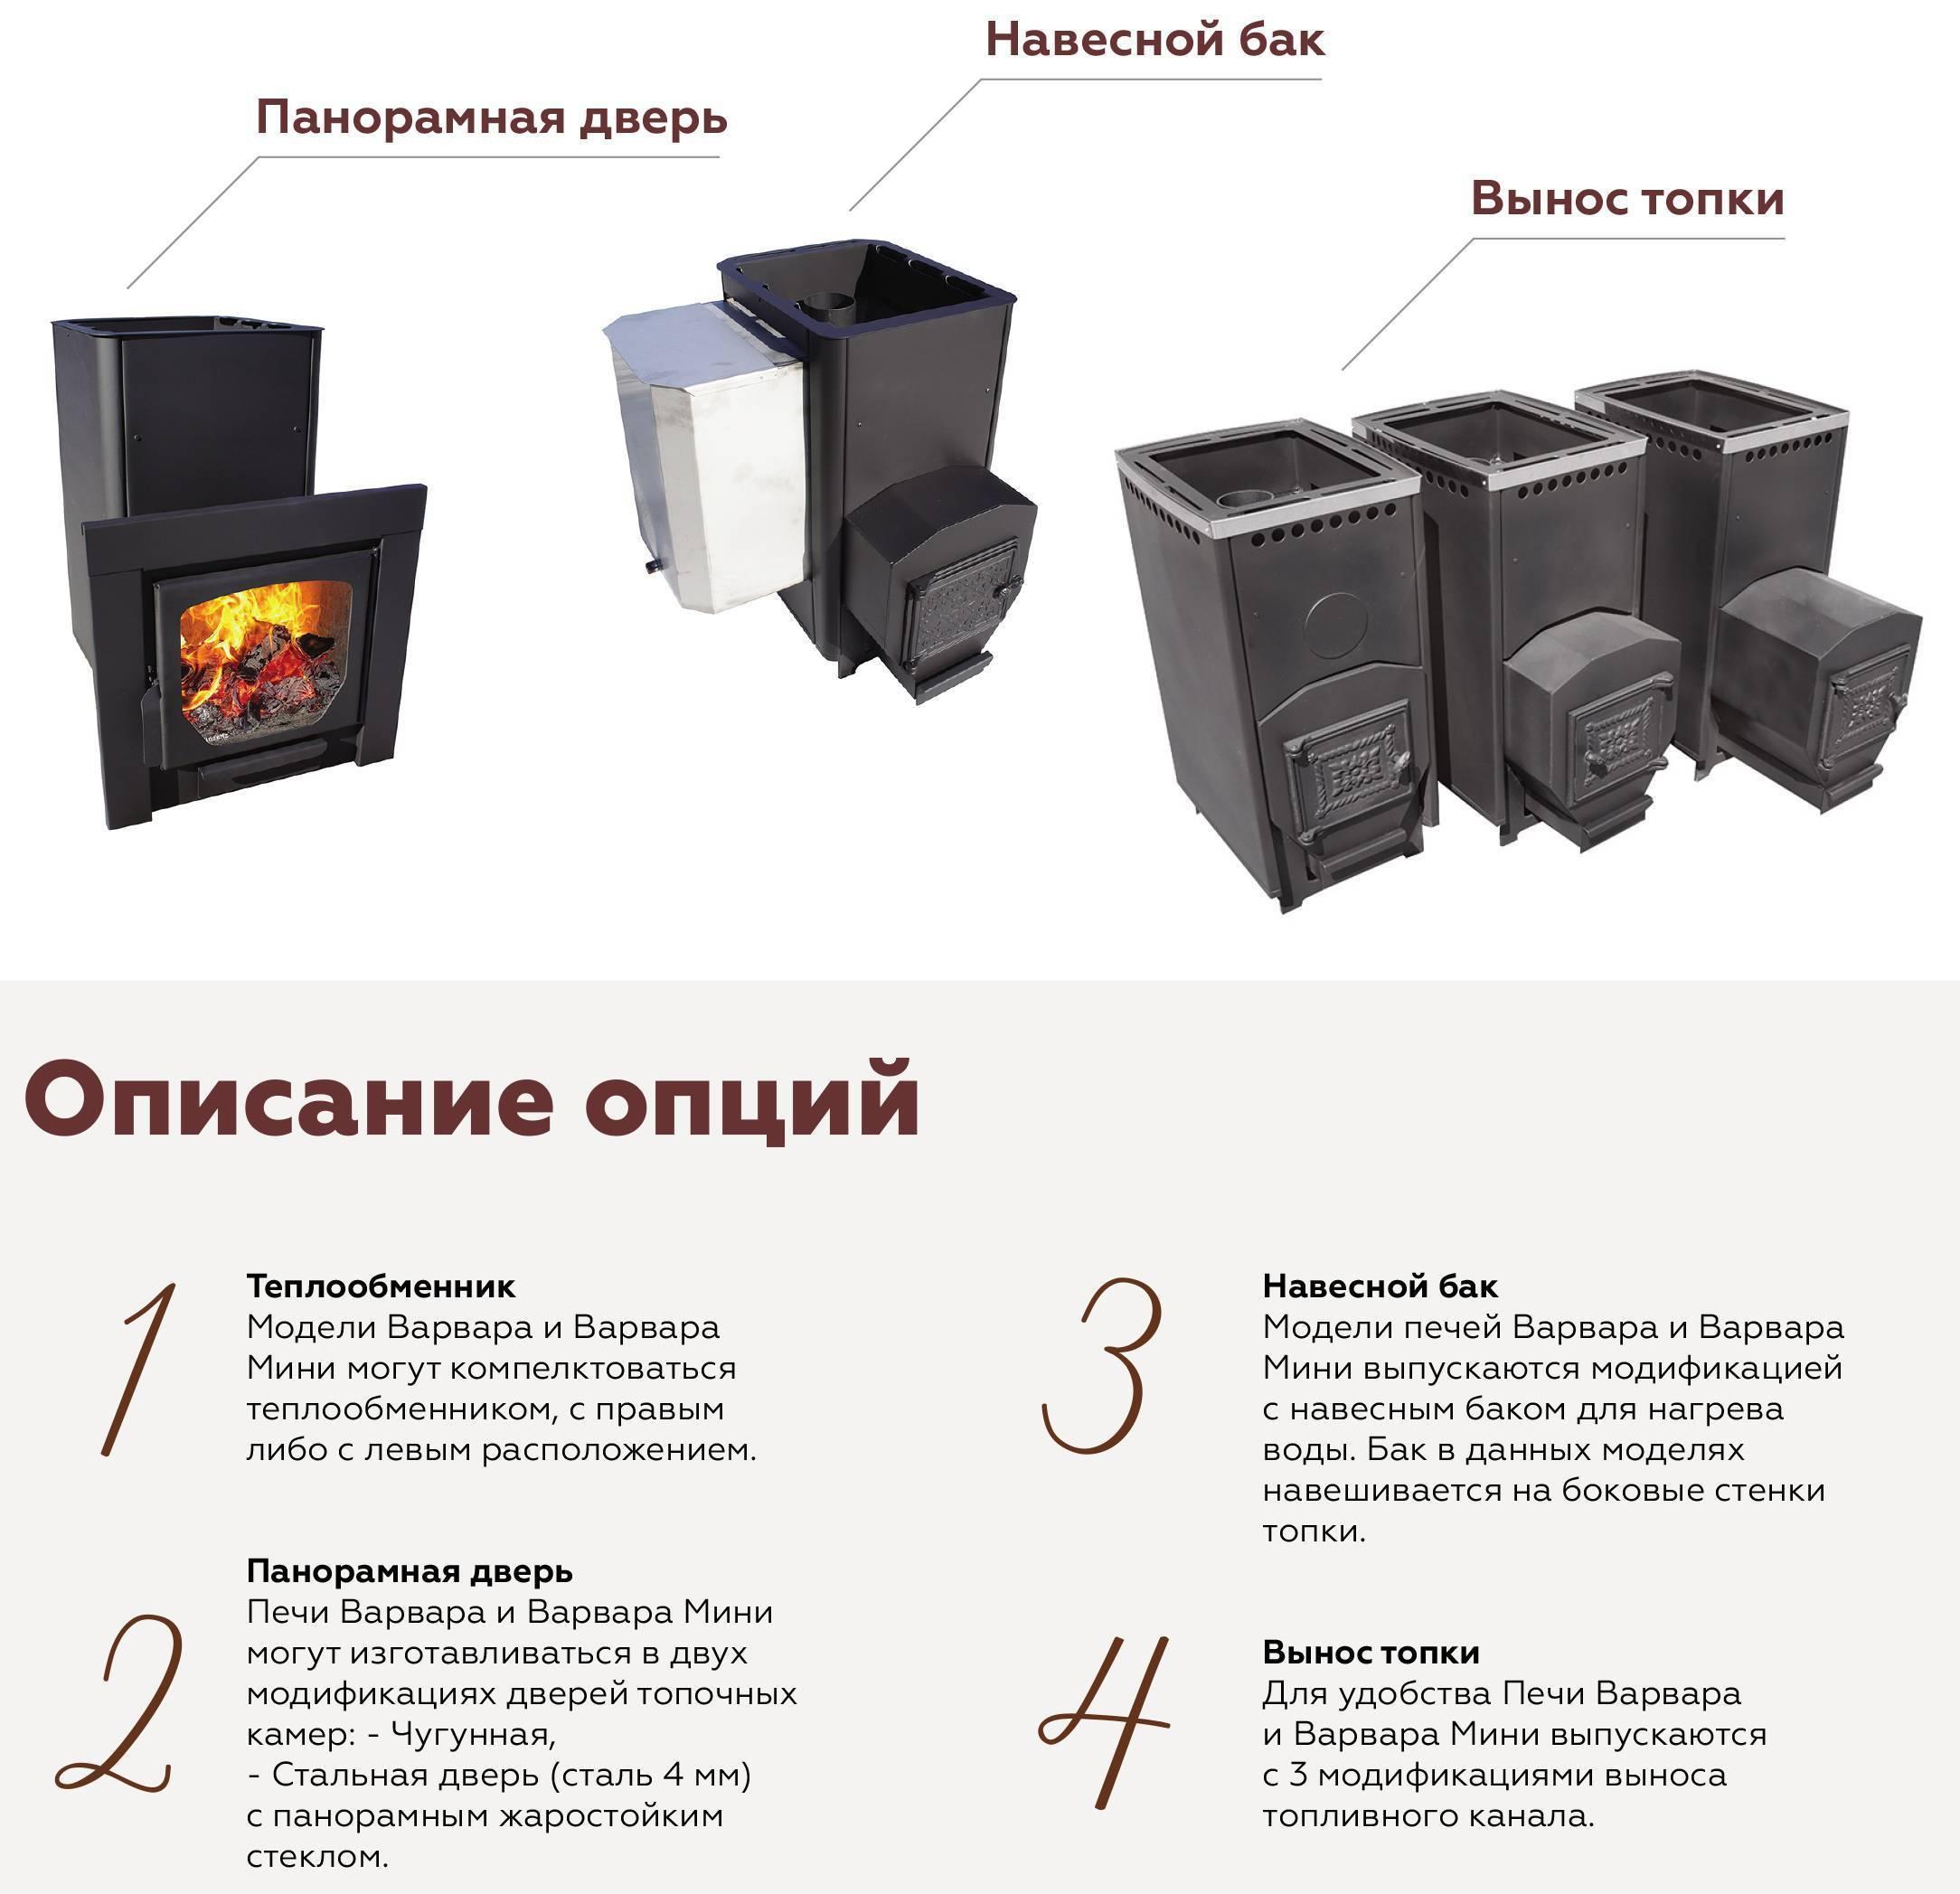 Разновидности и особенности банных печей Варвара